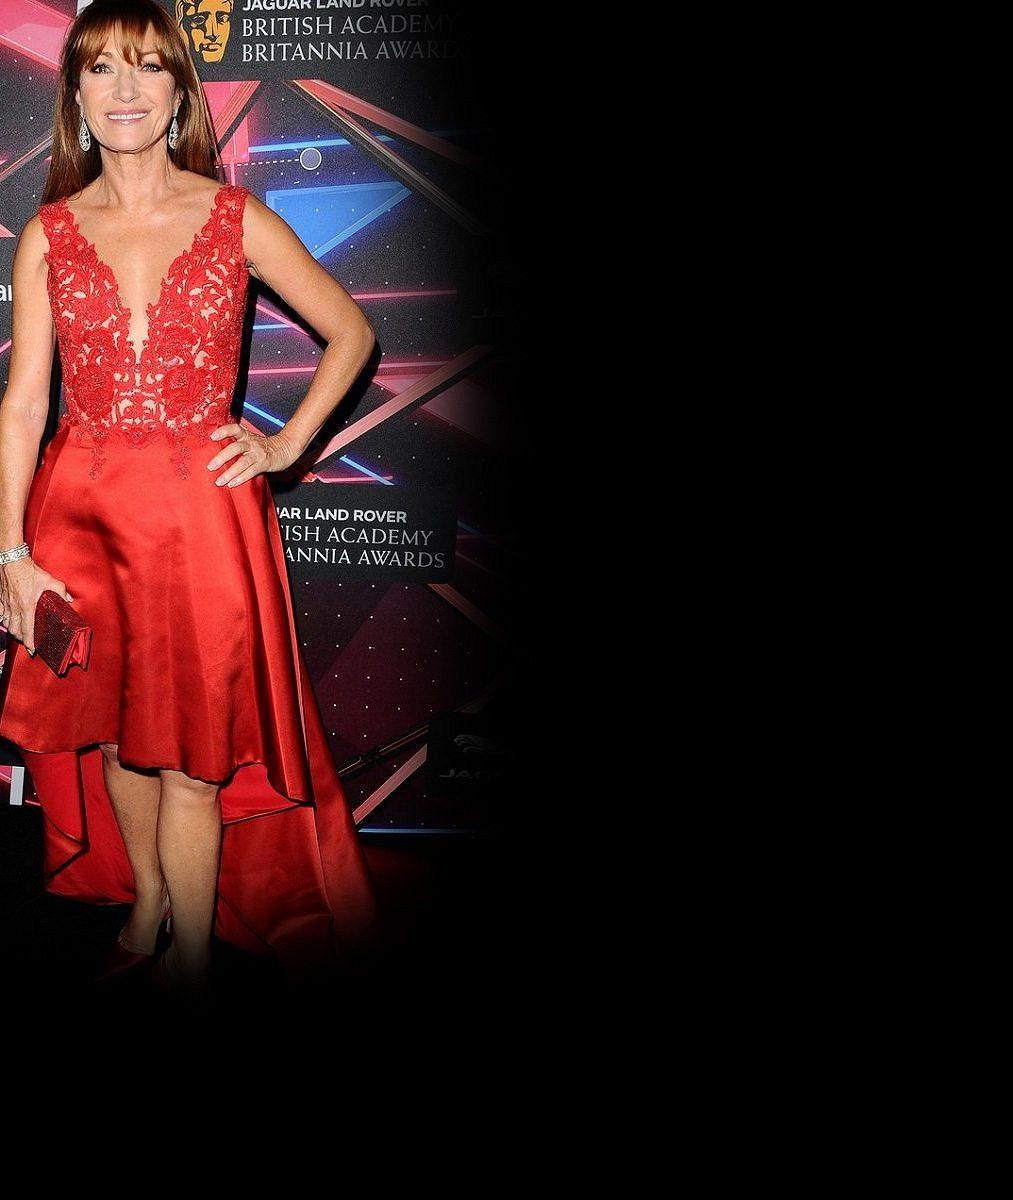 Doktorka Quinnová (64) zná recept na elixír mládí: Takhle oslnila vsexy rudých šatech